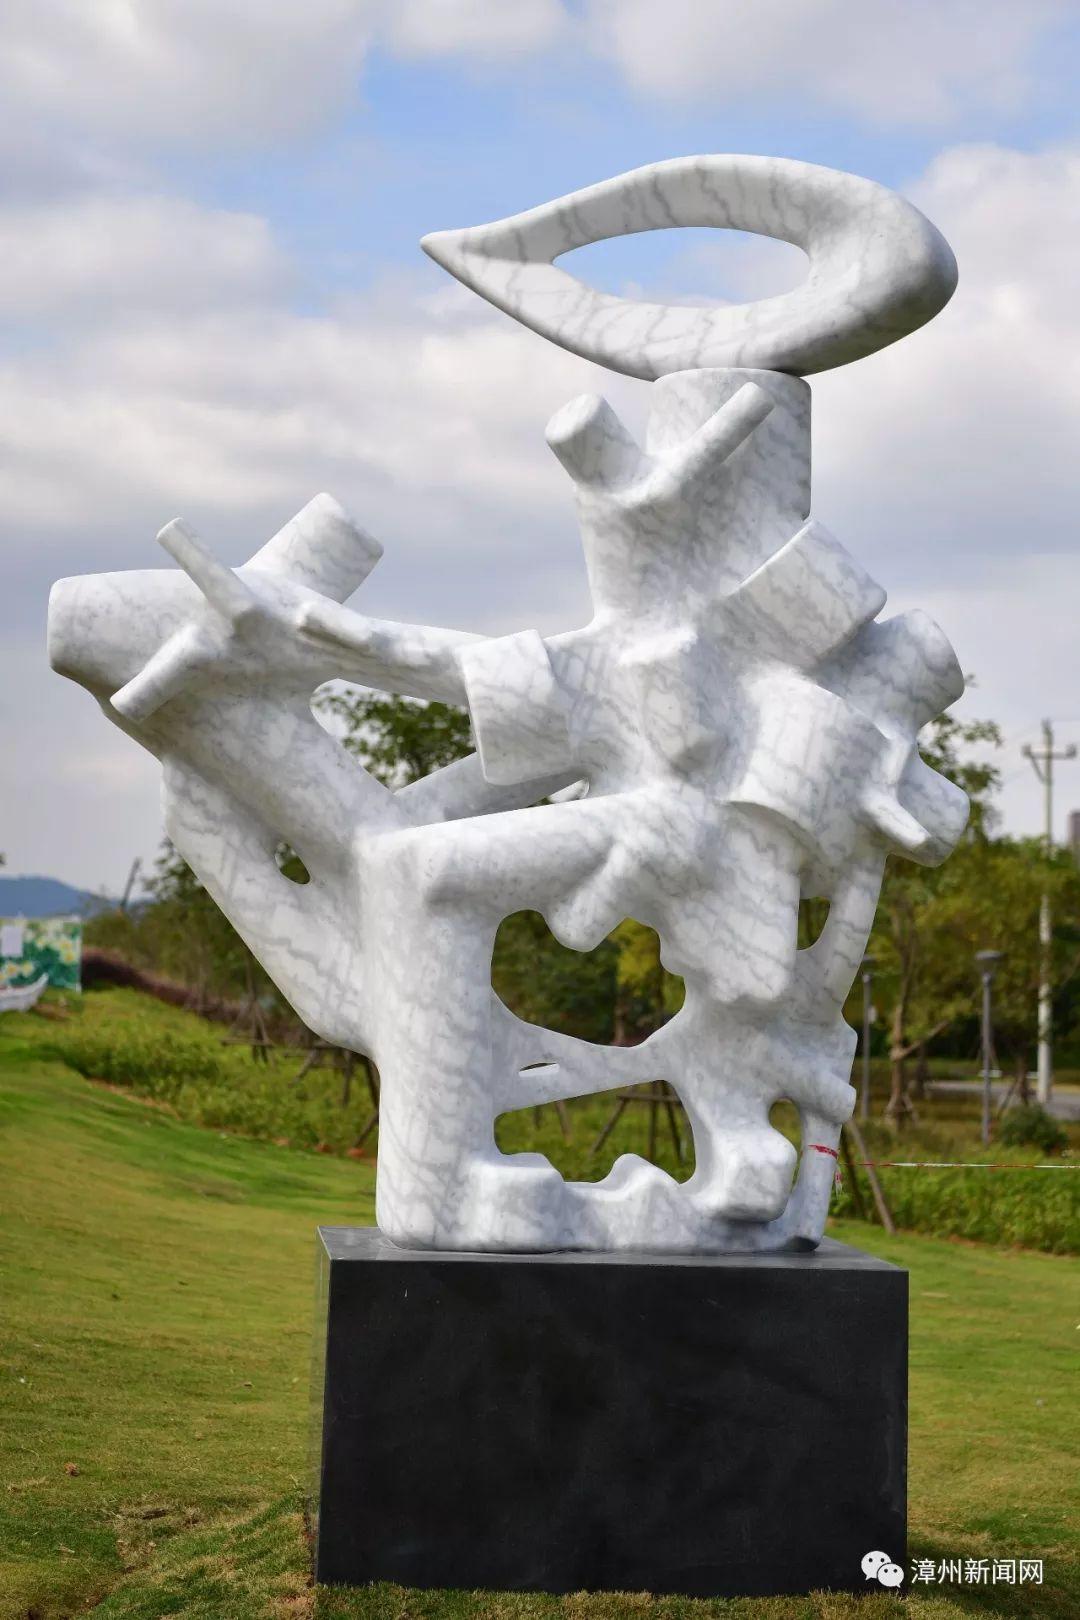 """""""读书顶个鸟用"""" 漳州一雕塑被如此解读引争议--万家热线手机站"""